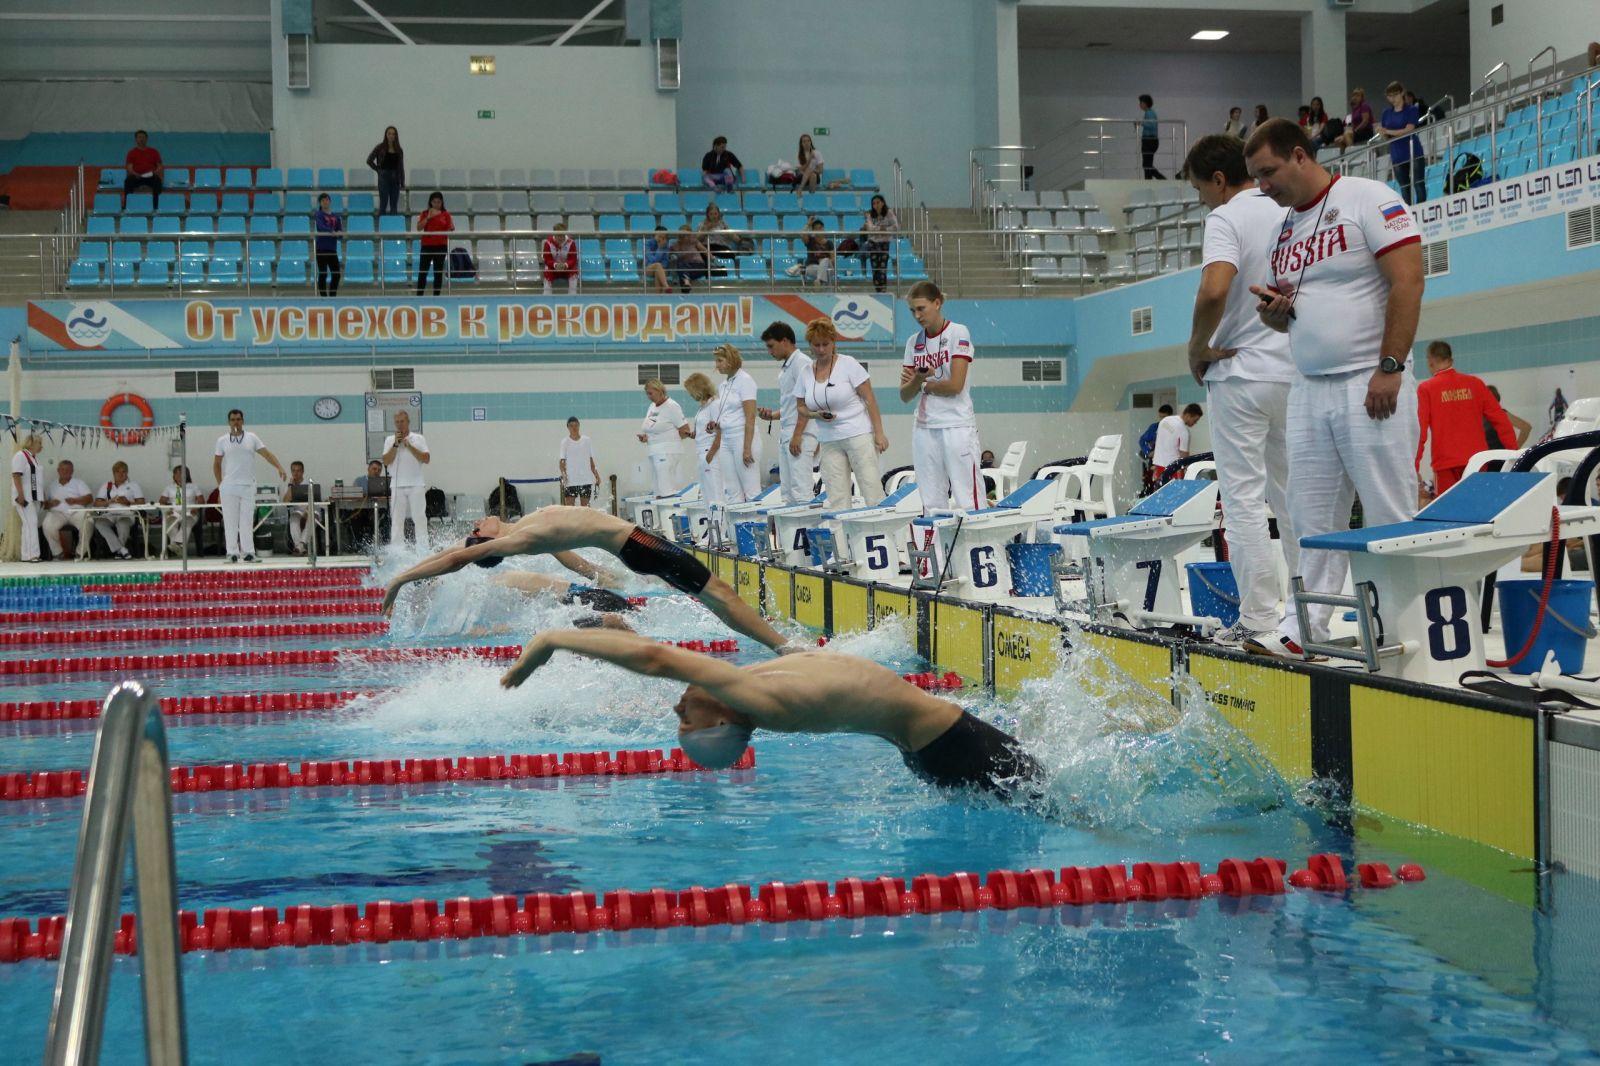 Юрий Назаренко: Результаты первенства России по плаванию спортсменов с ПОДА обнадеживают, рекорды мира и Европы говорят сами за себя!